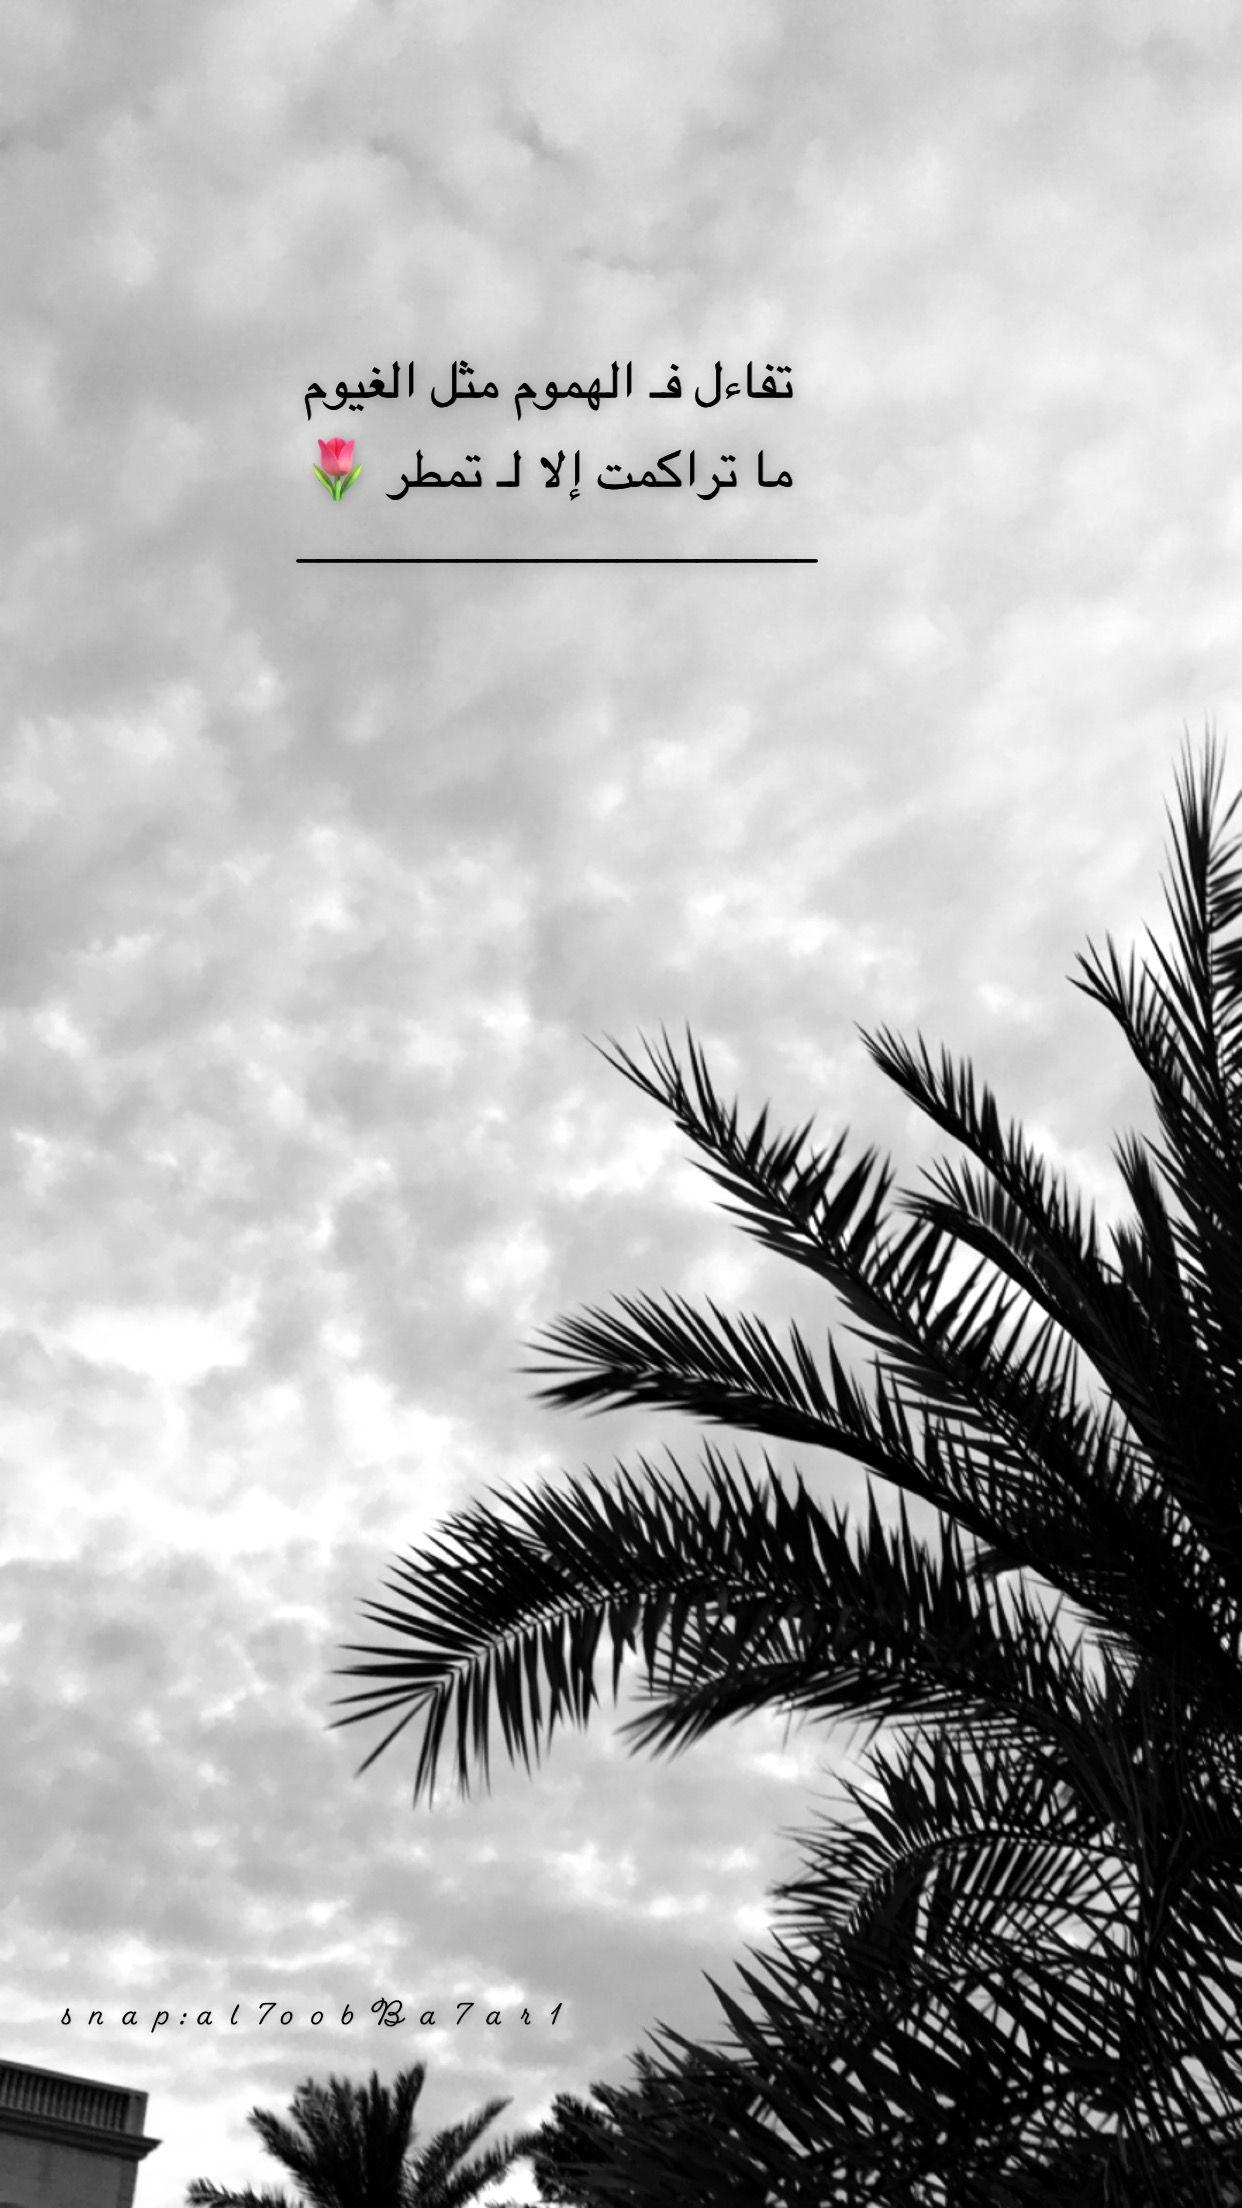 همسة تفاءل فـ الهموم مثل الغيوم ما تراكمت إلا لـ تمطر تصويري تصويري سناب تصميمي تص Iphone Wallpaper Quotes Love Cute Love Quotes Photo Quotes